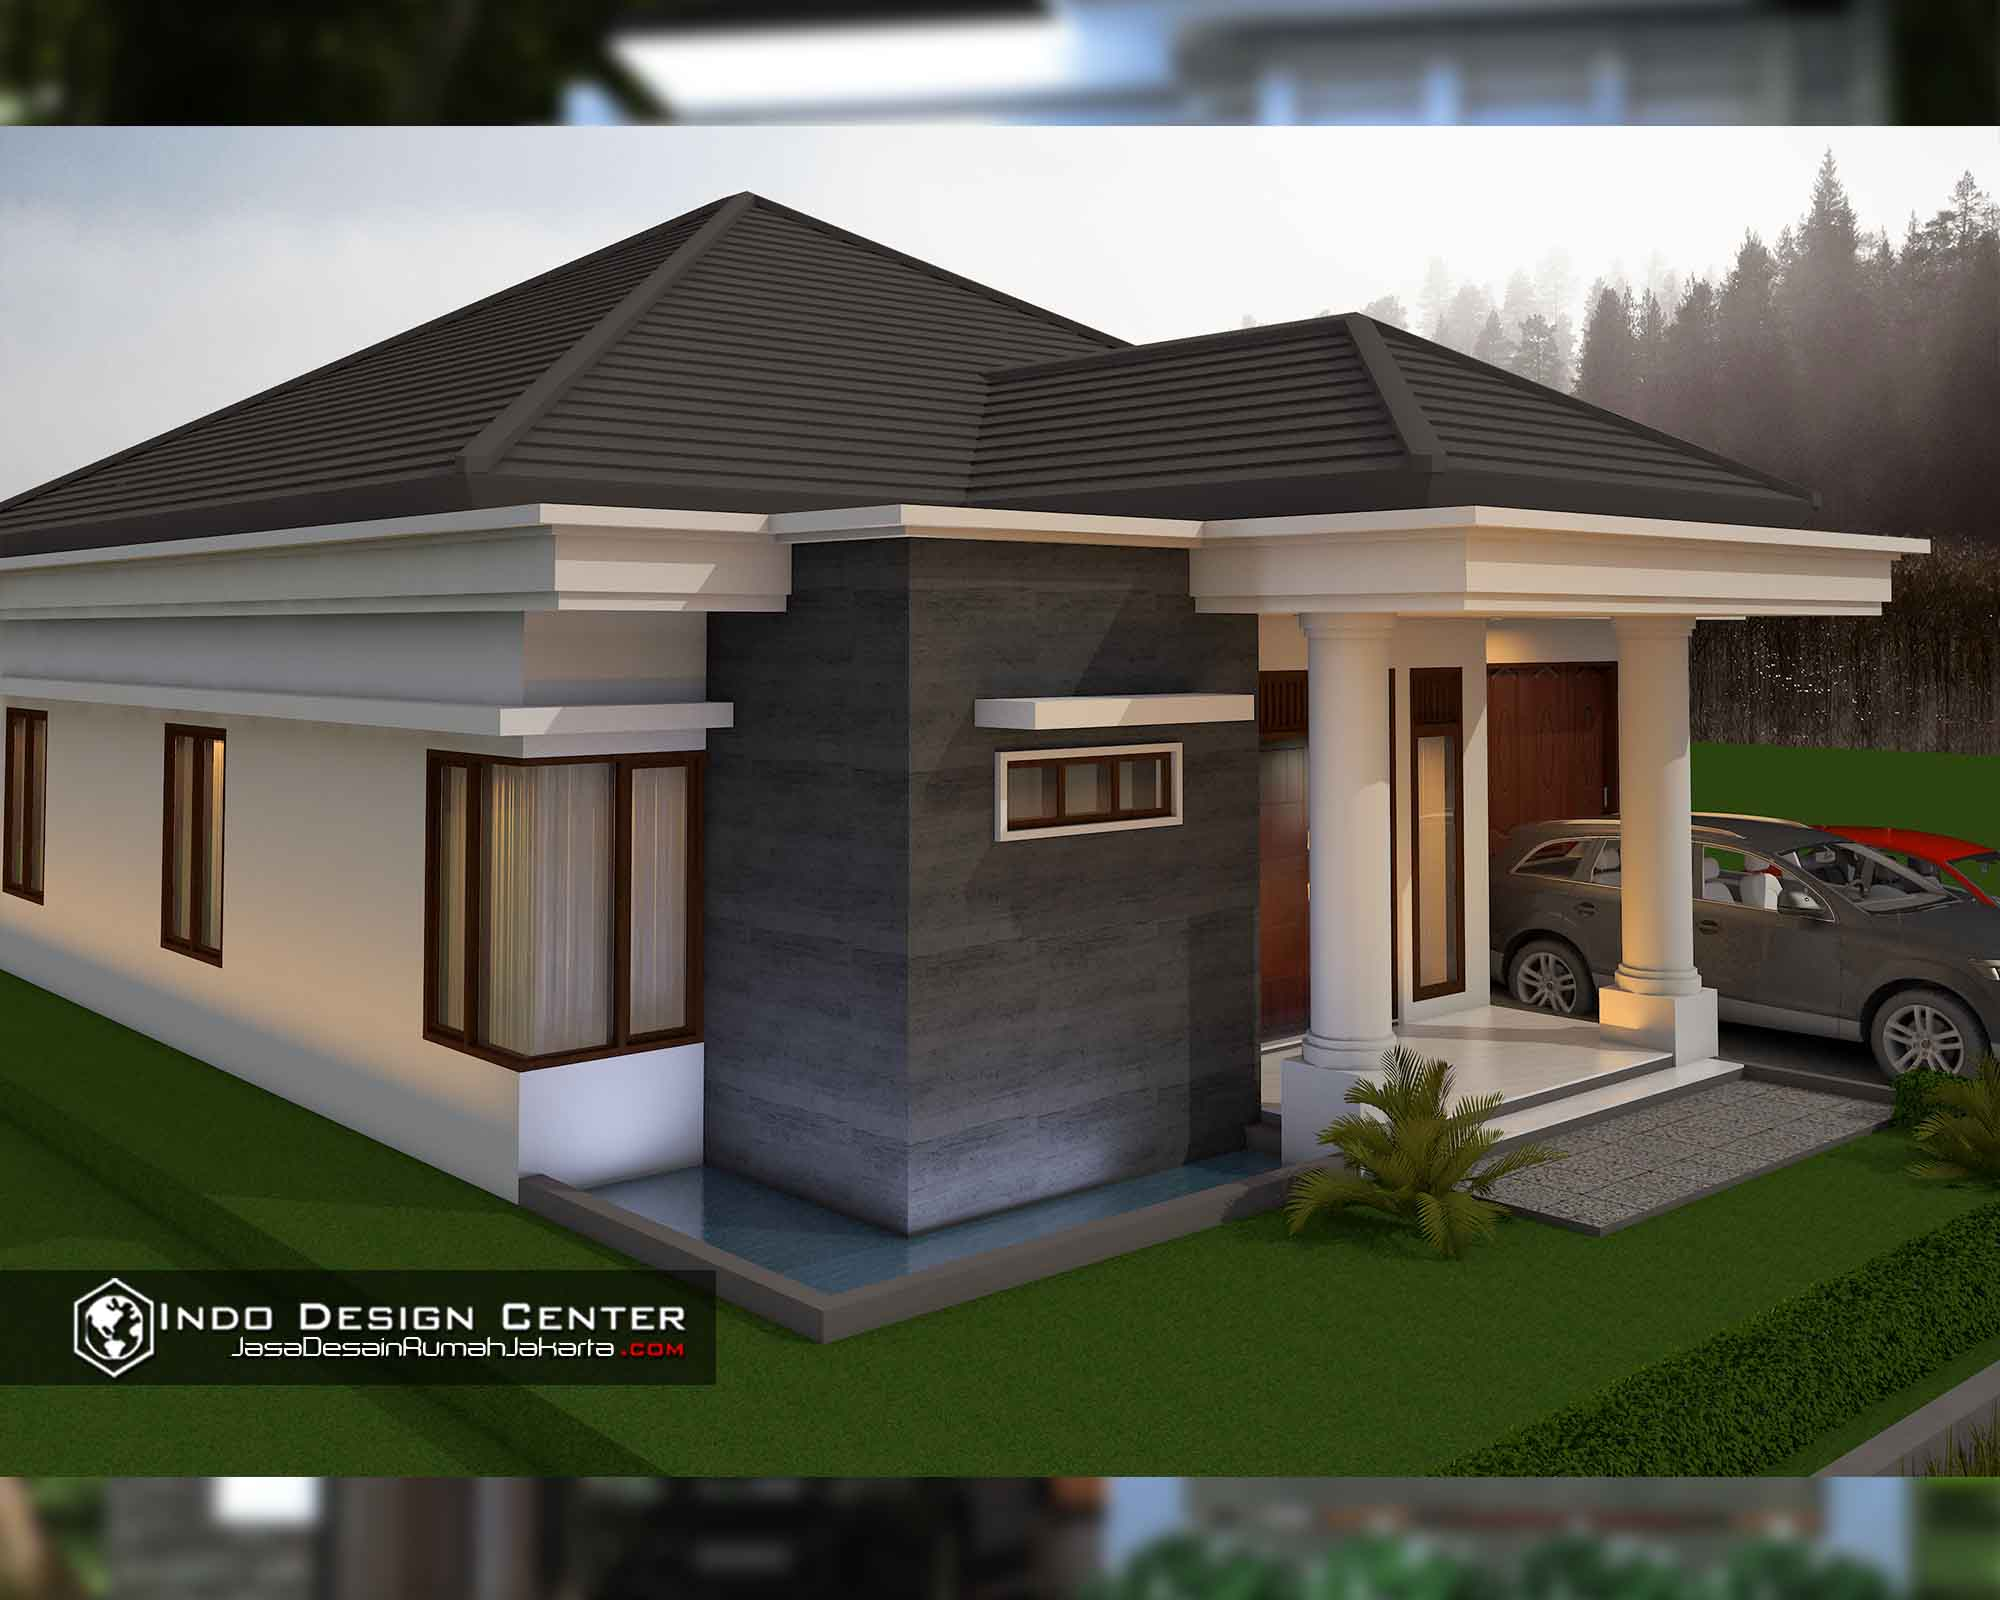 Gambar Rumah Terbaik - Jasa Desain Rumah Jakarta ...